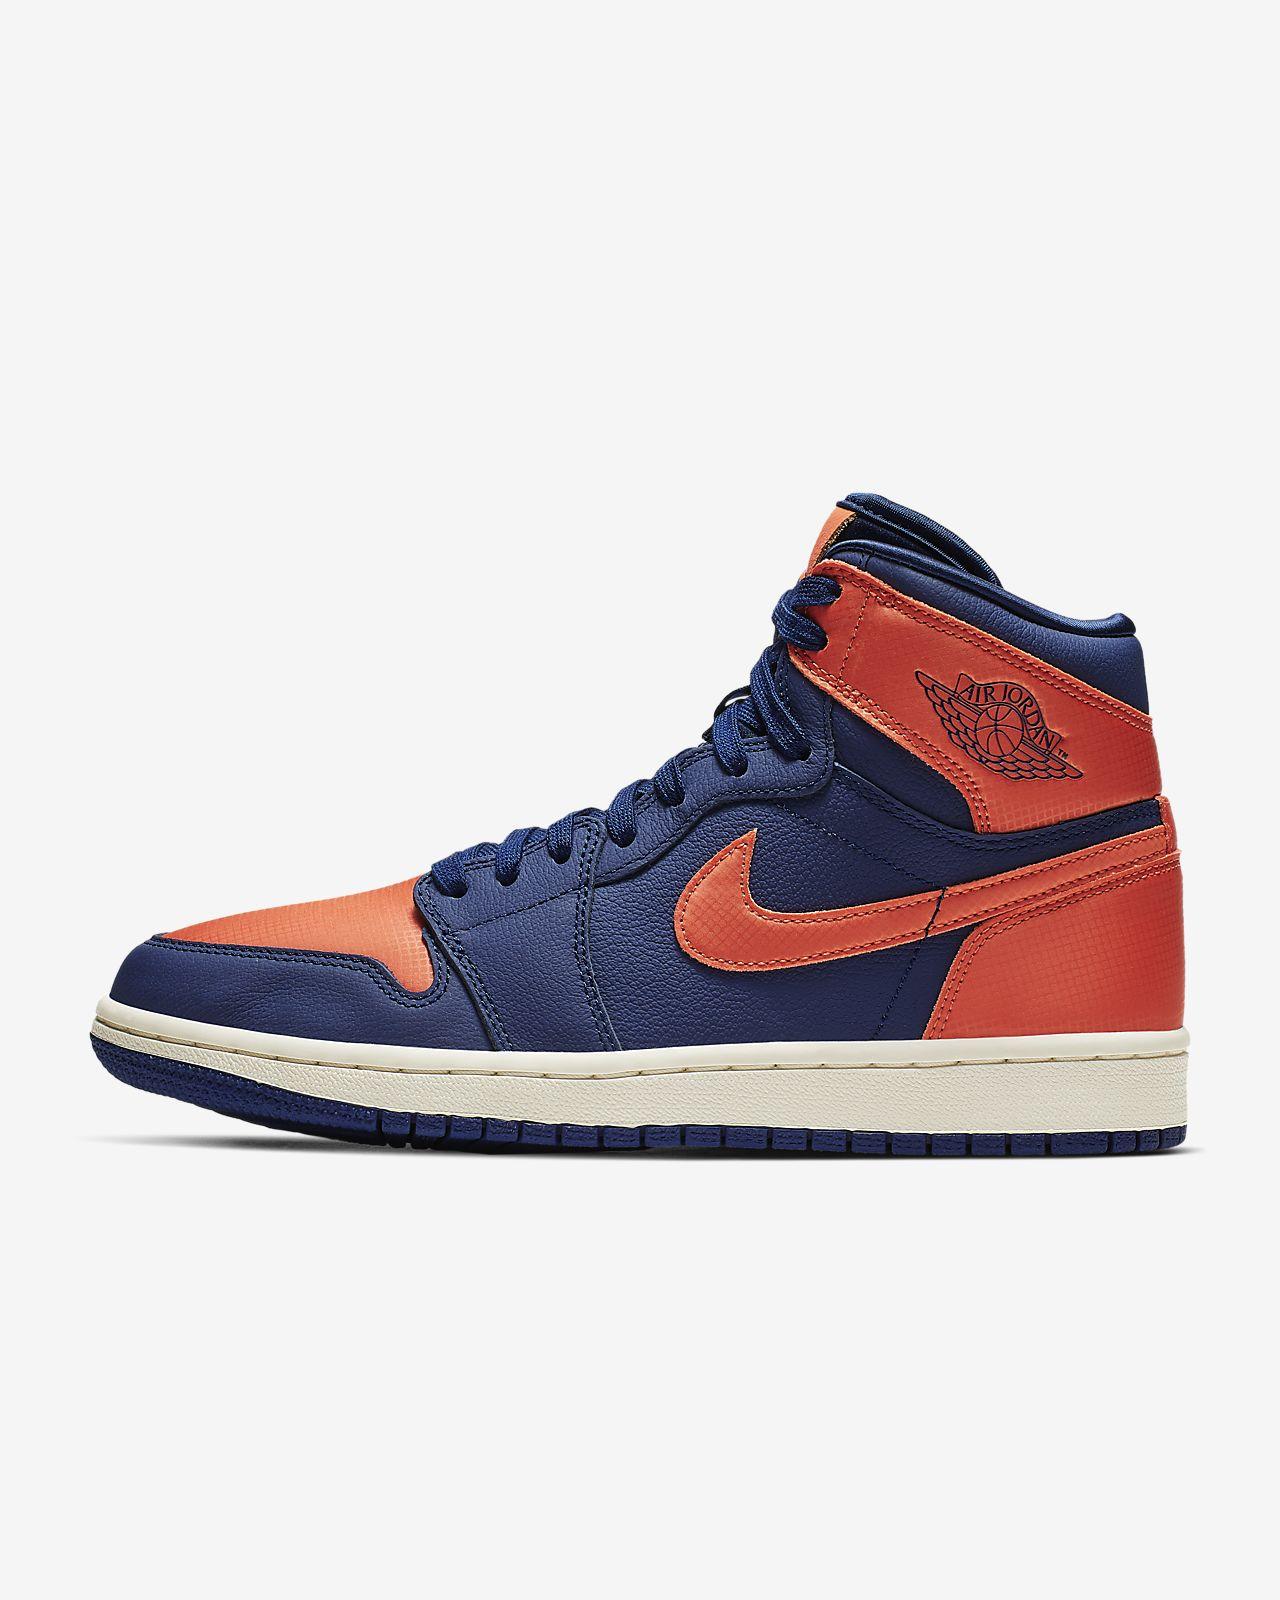 Nike Air Jordan 1 Retro High Premium 女鞋